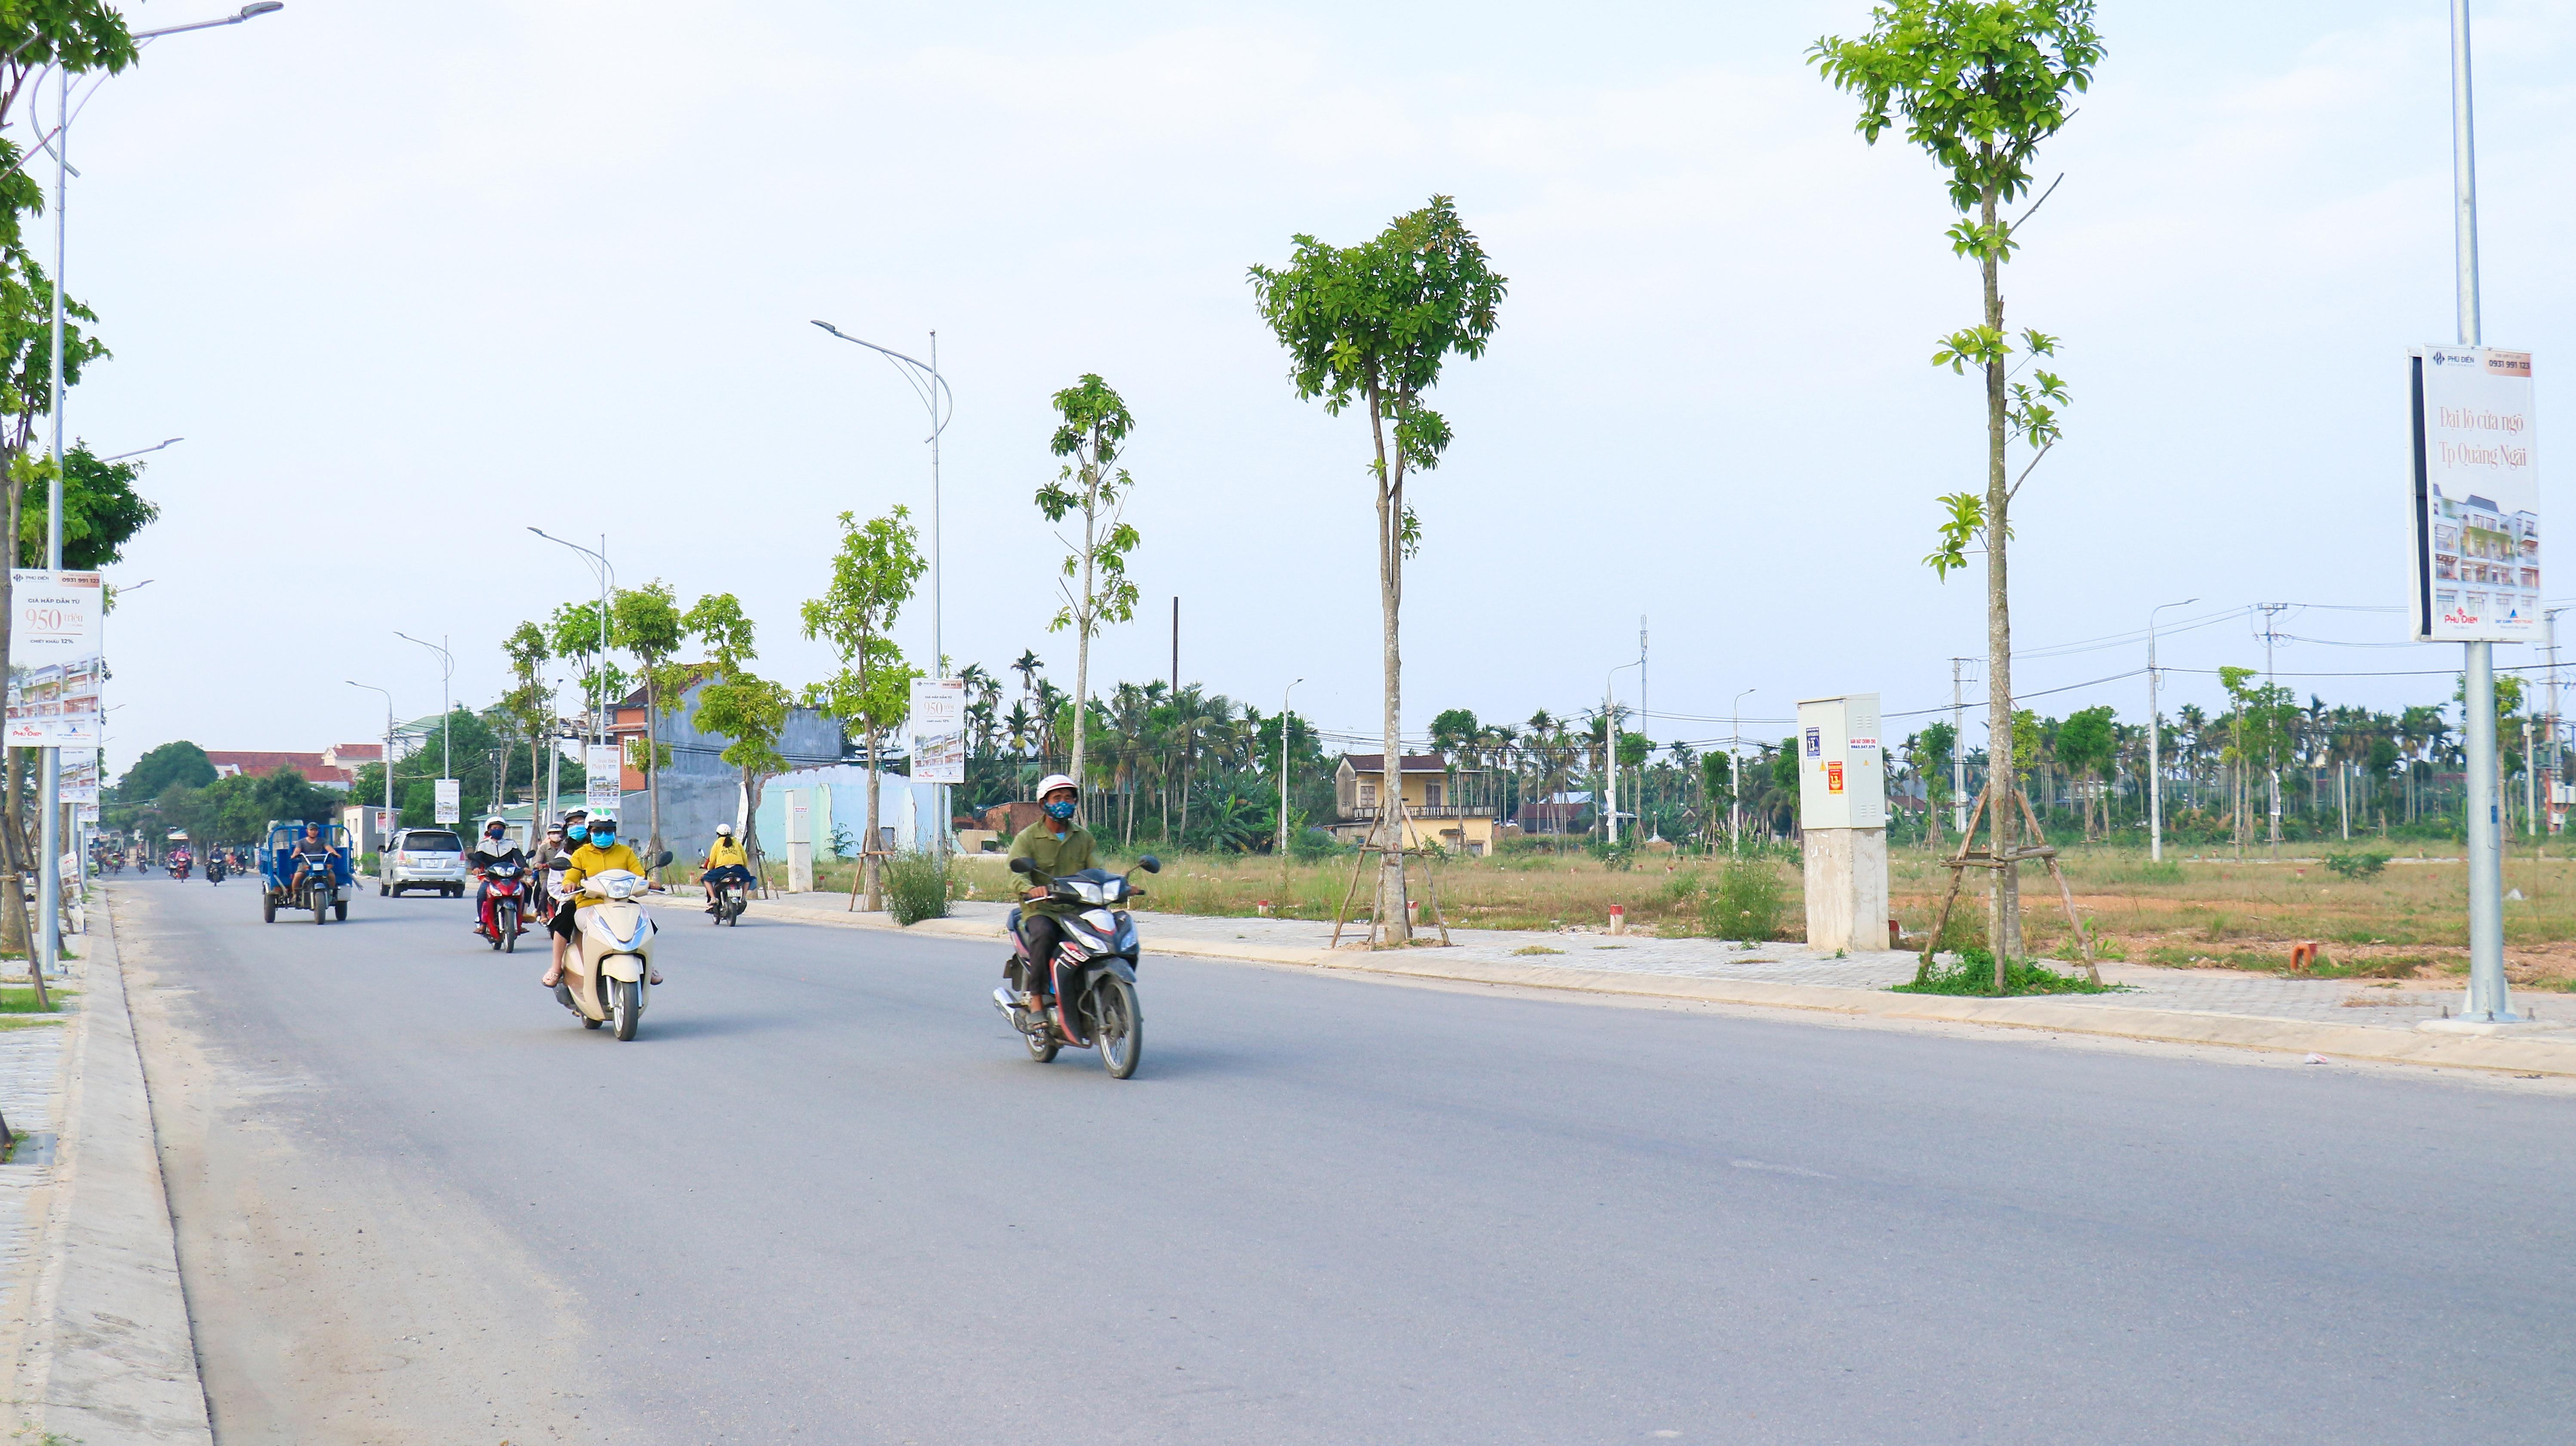 quang ngai quy hoach khu tai dinh cu moi doi dien du an phu dien residences